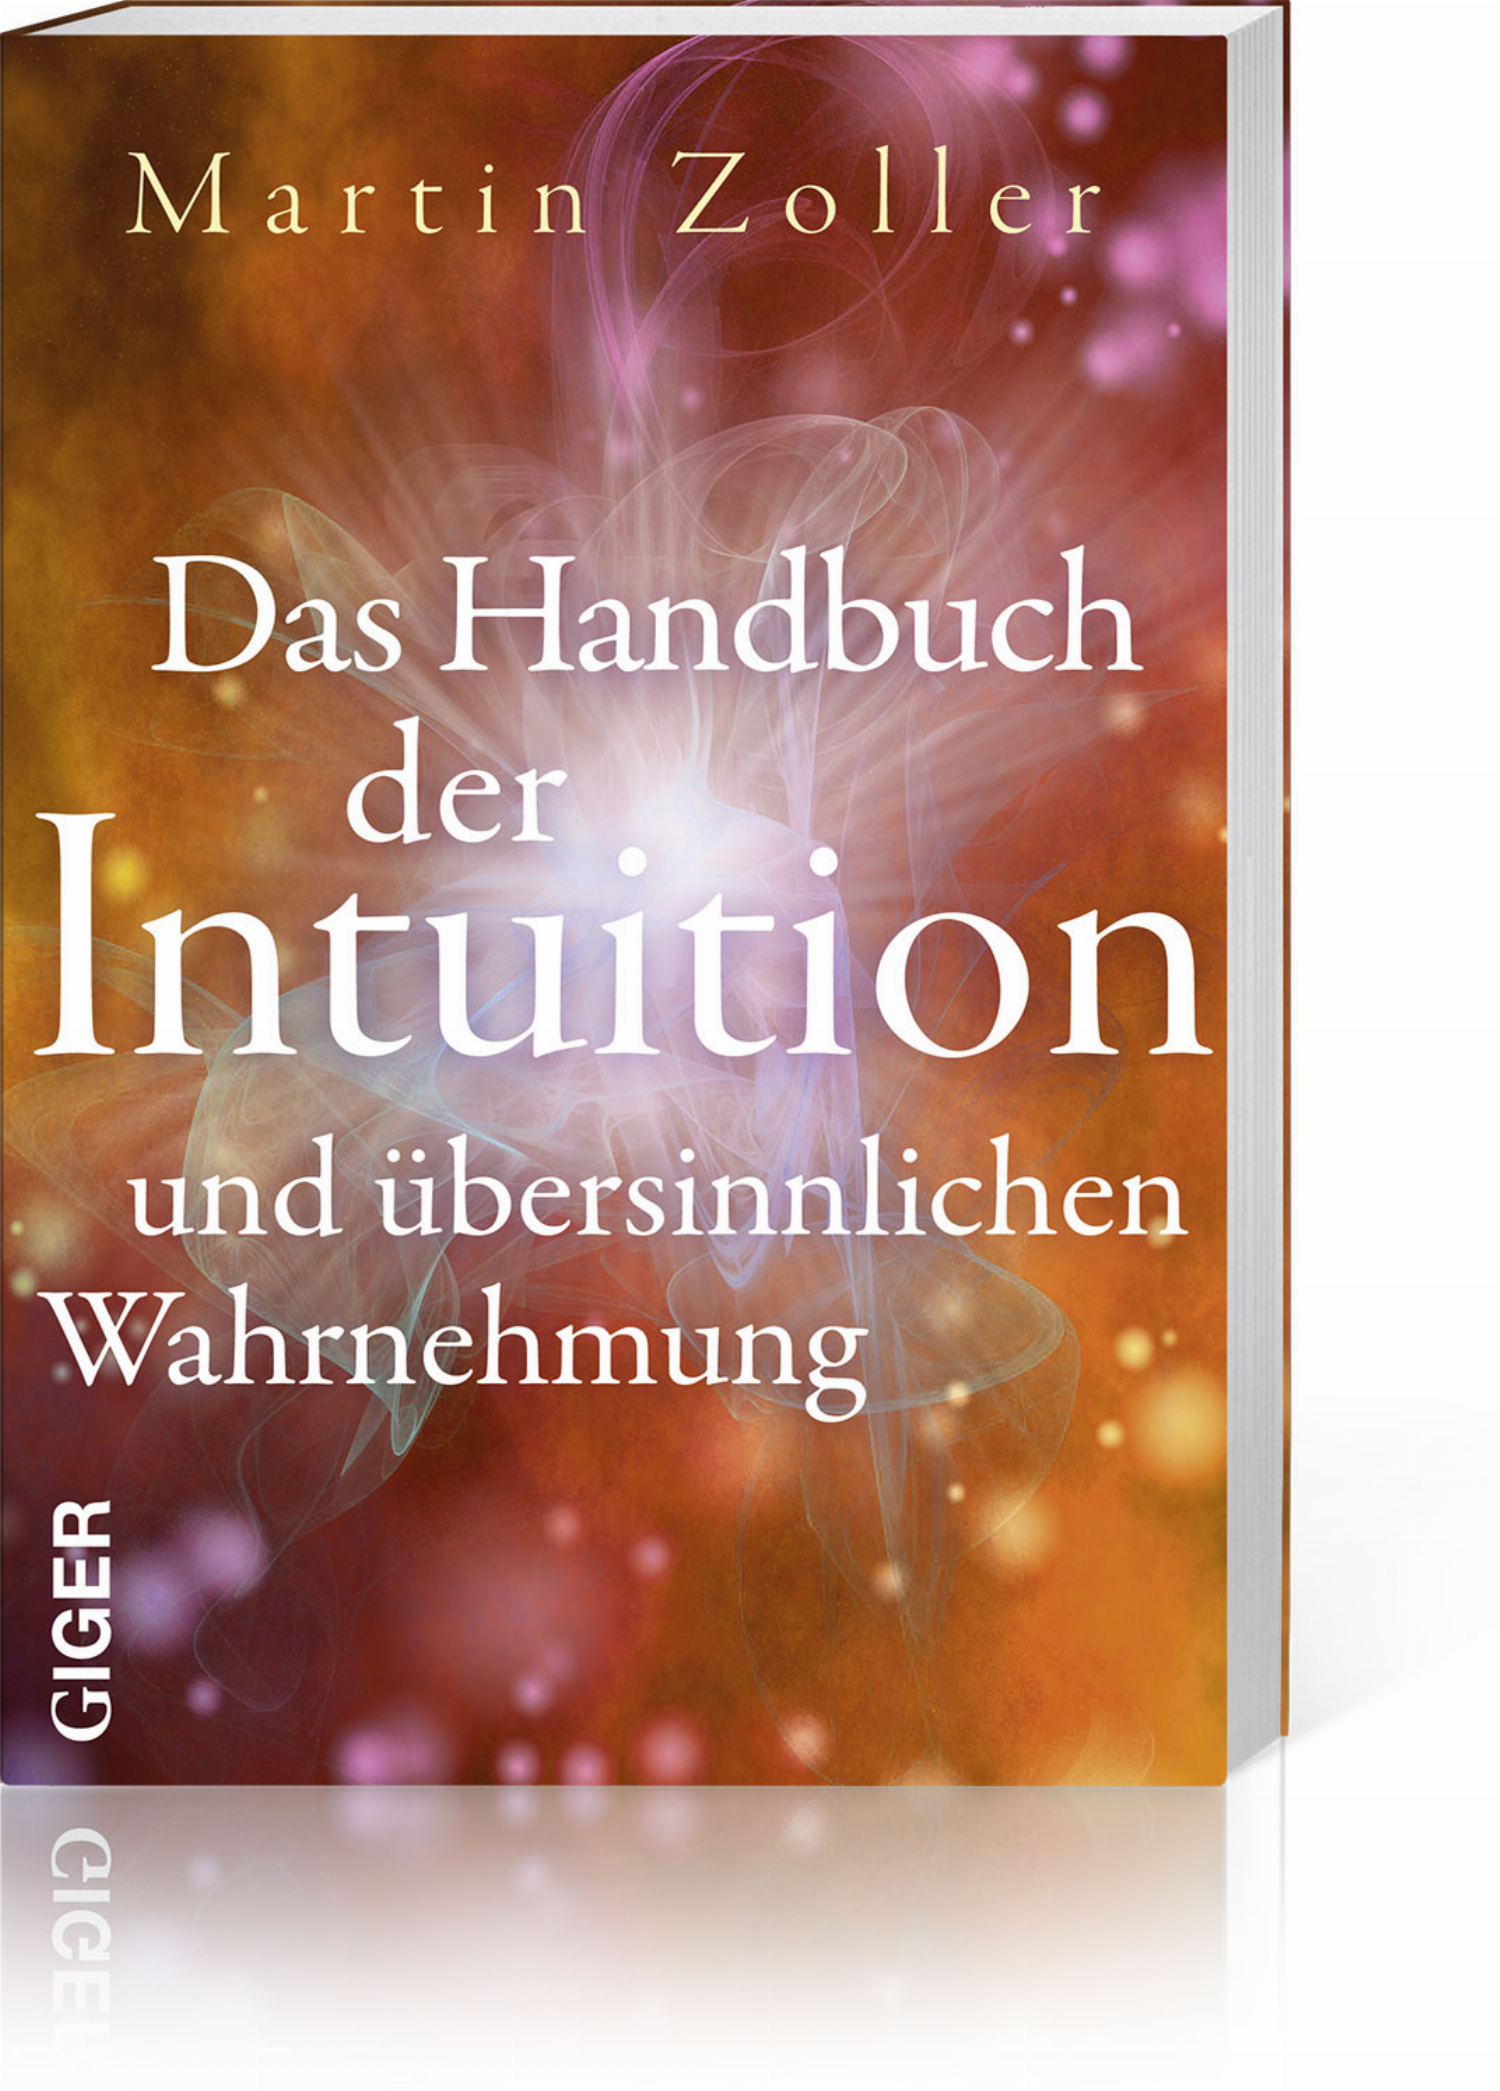 Das Handbuch der Intuition und übersinnlichen Wahrnehmung, Produktbild 1